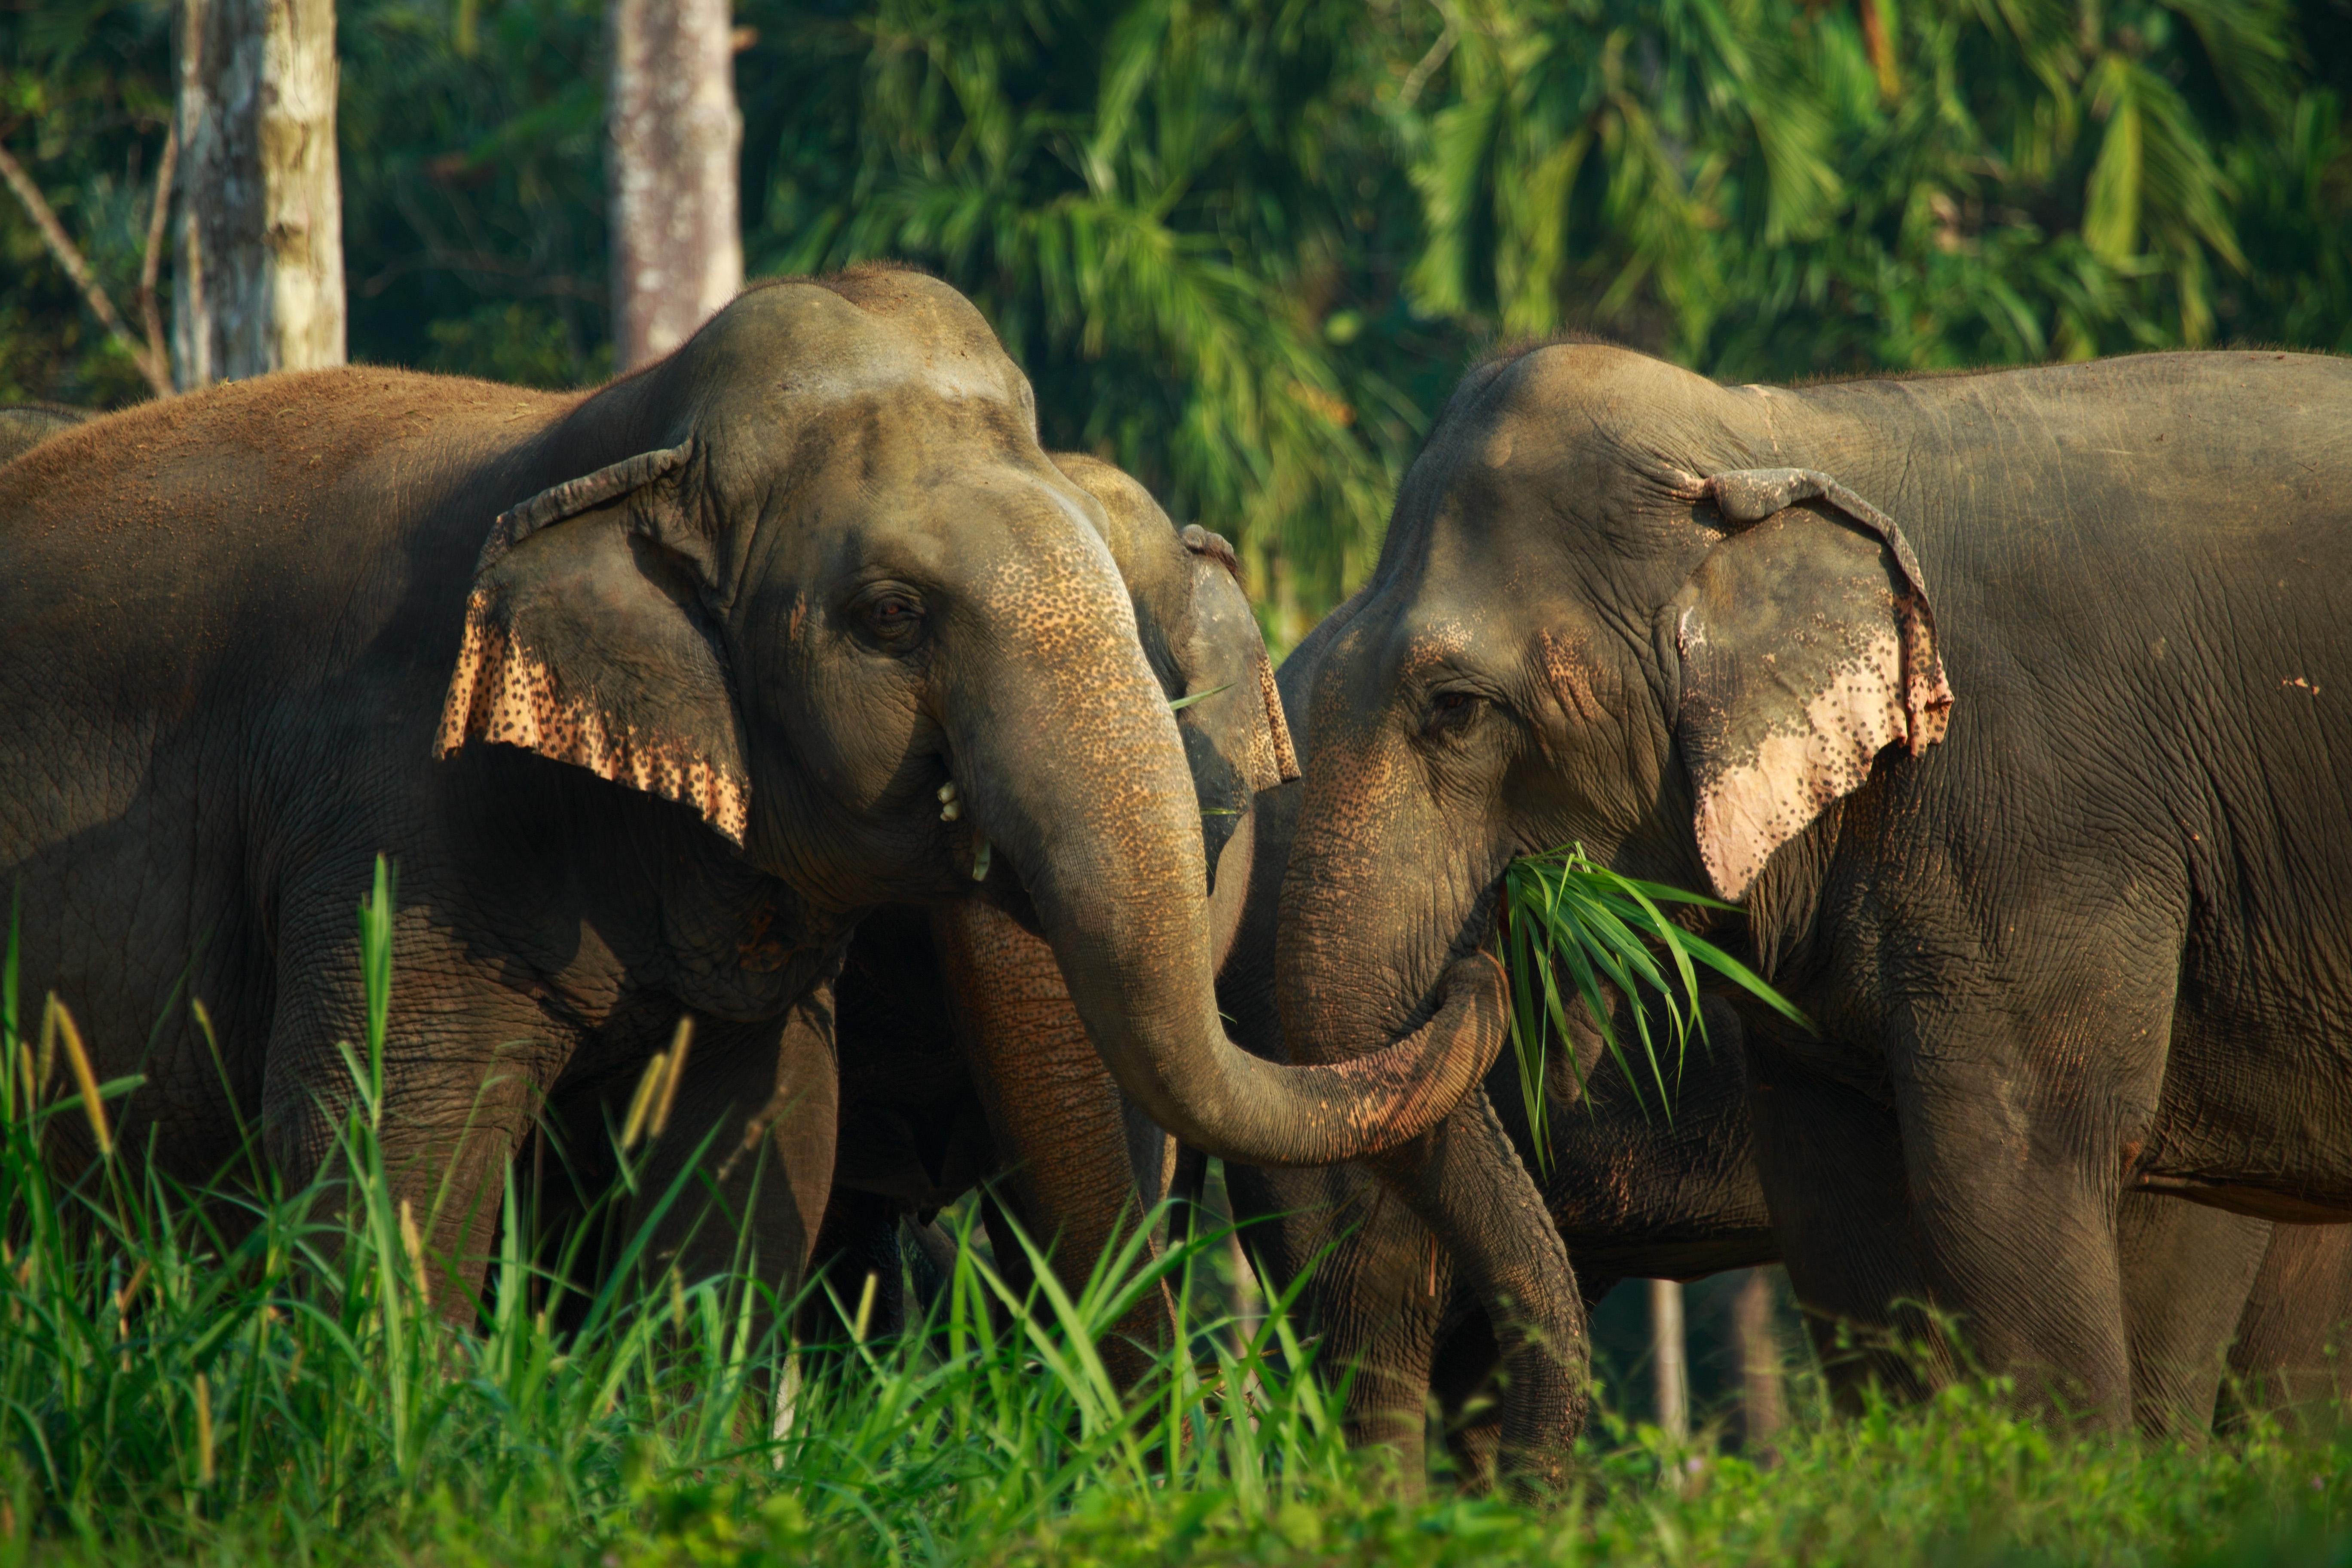 Elephant Hills et jungel og elefanteventyr!